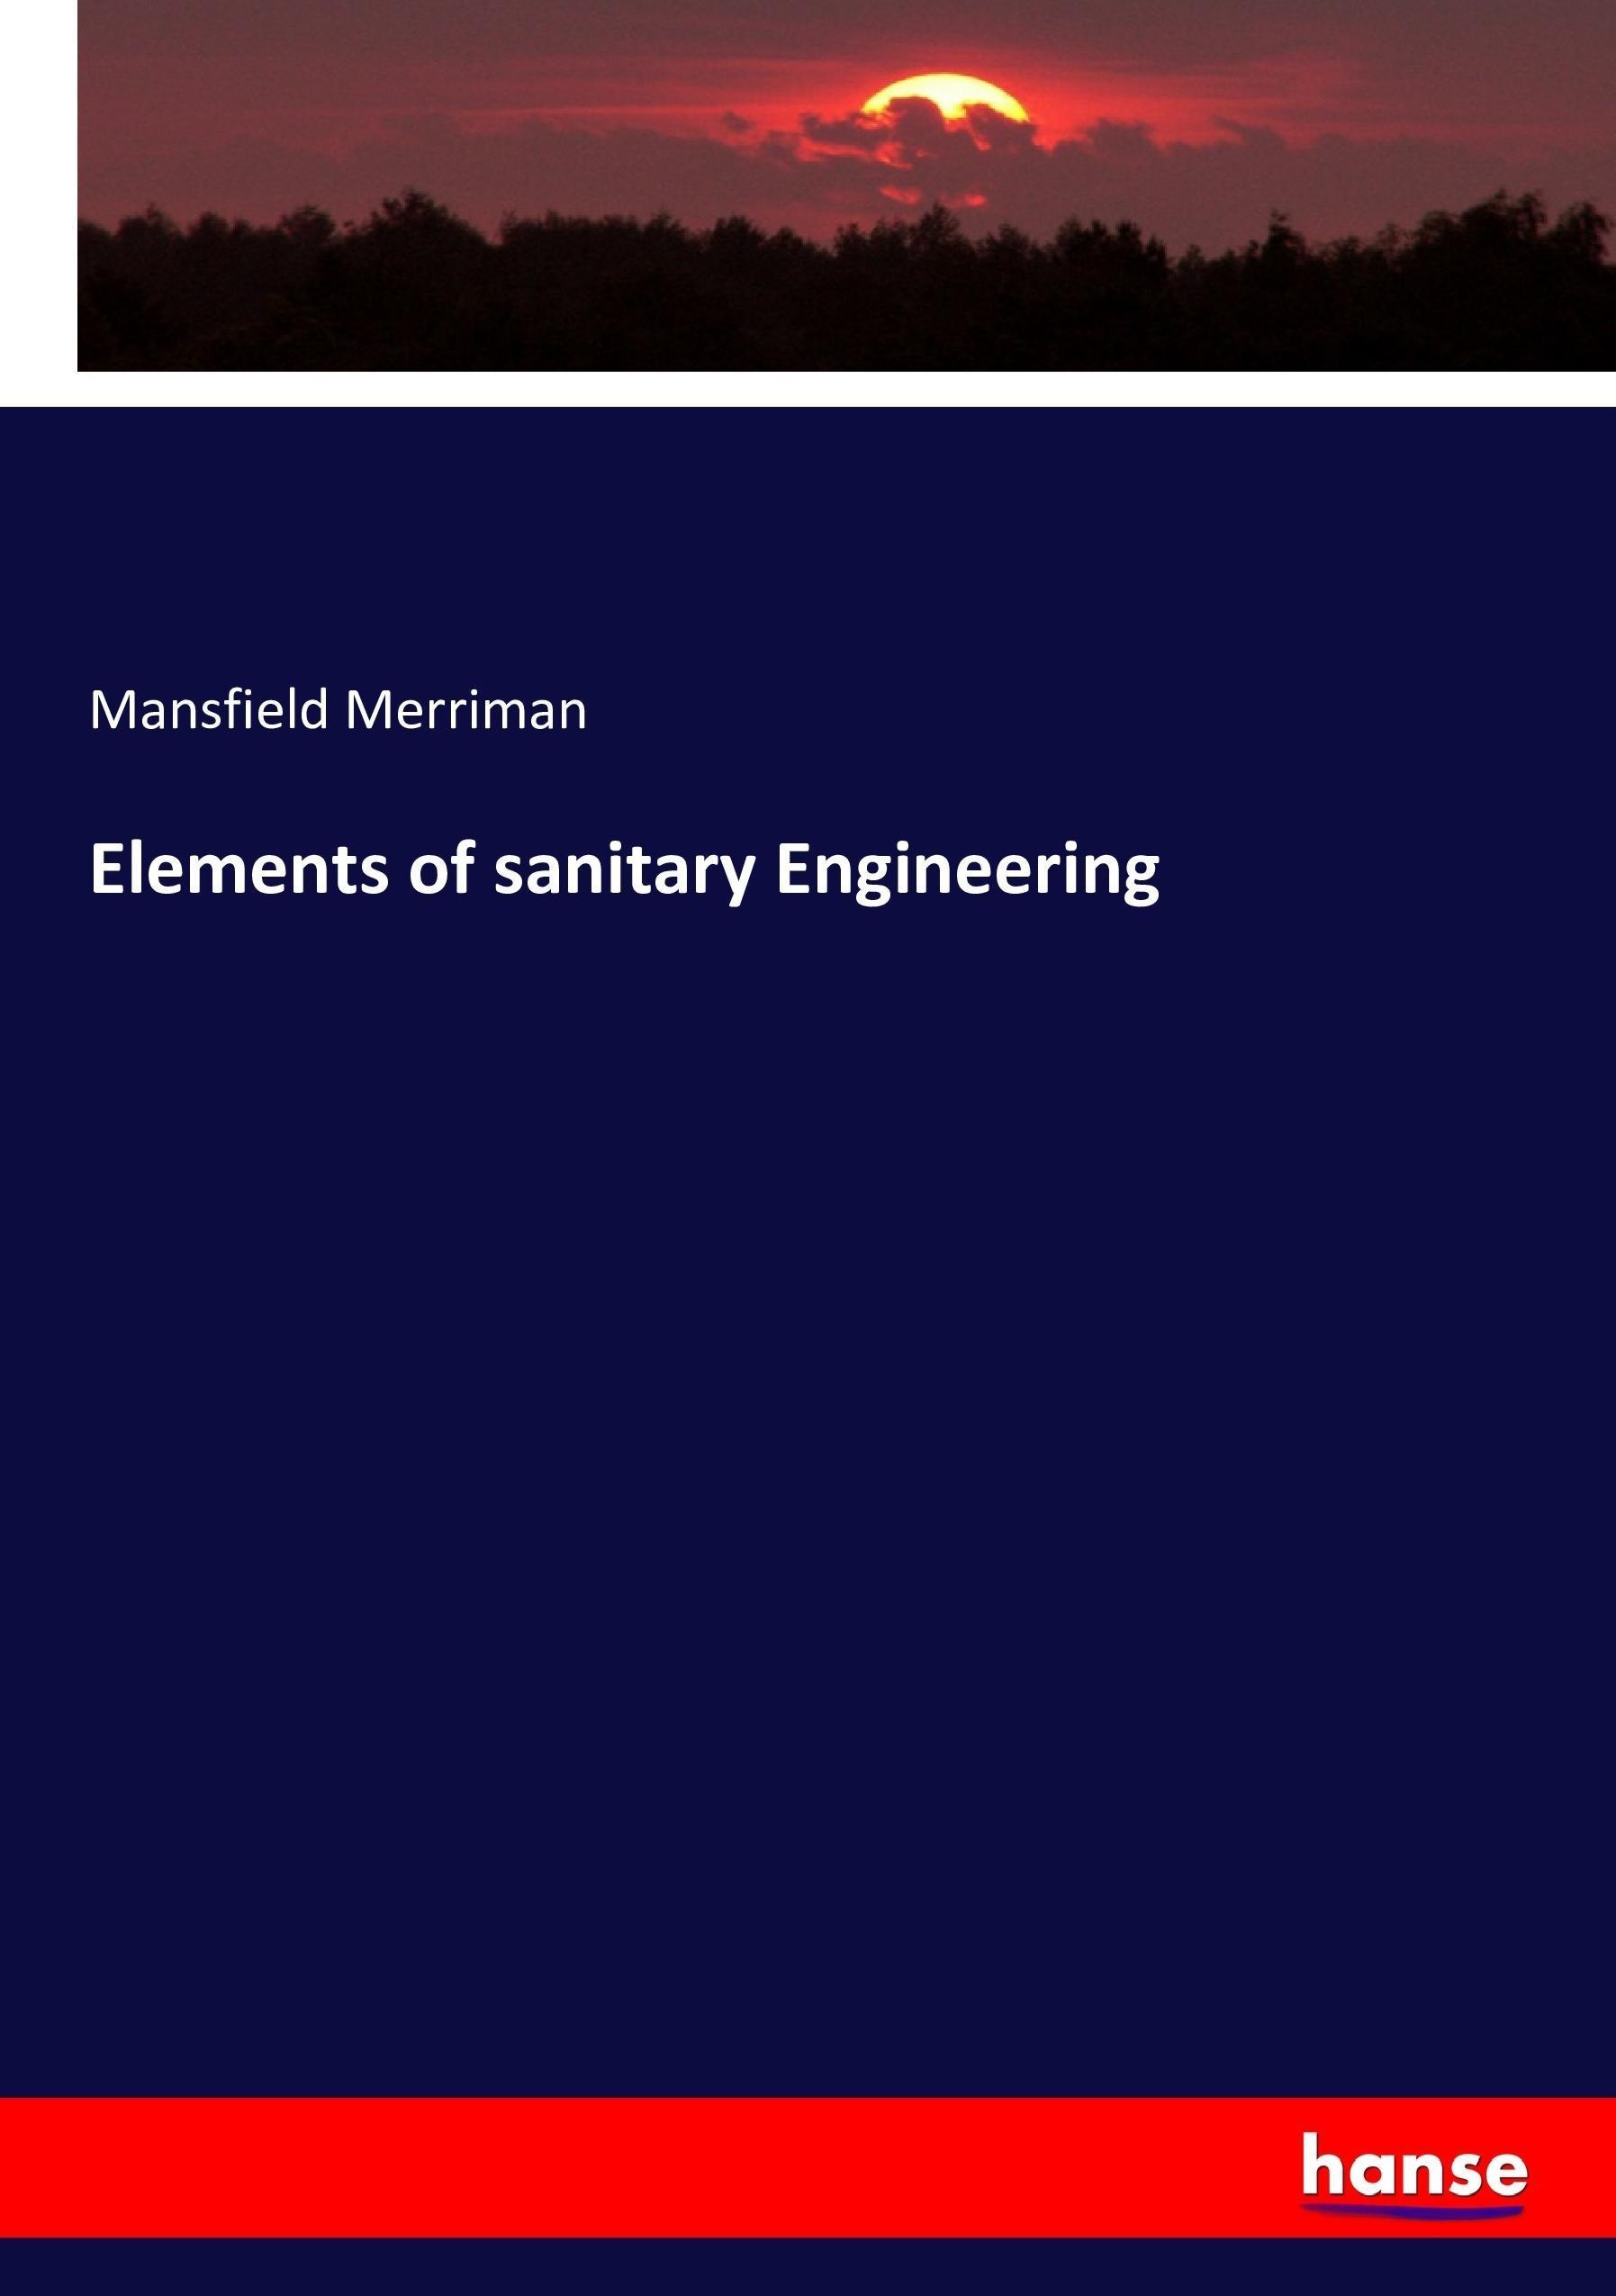 Elements of sanitary Engineering Mansfield Merriman